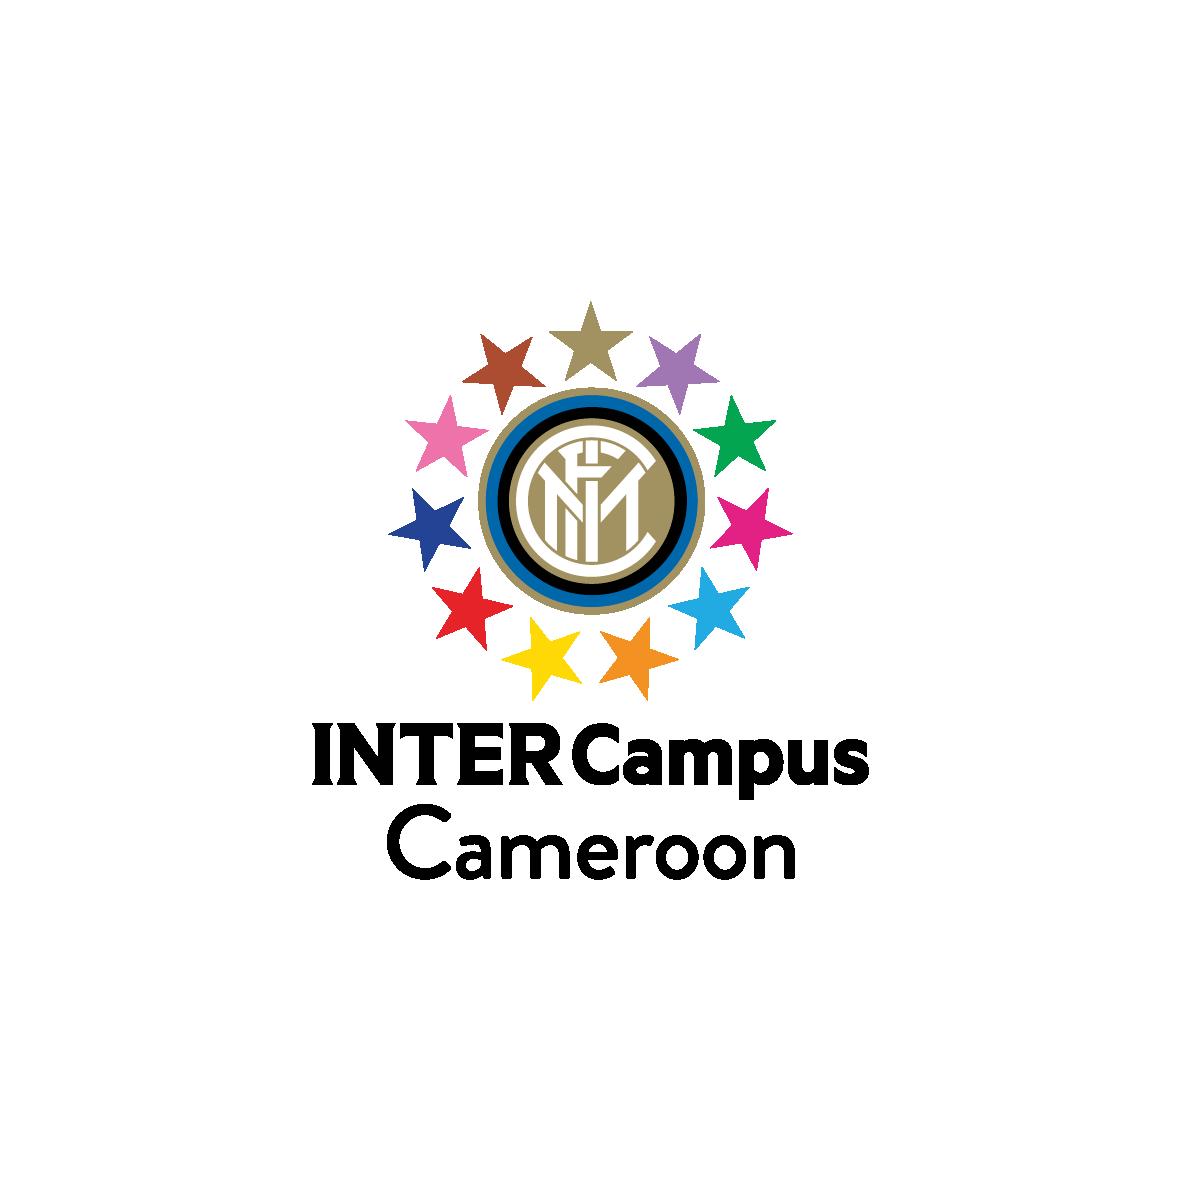 Logo - InterCampus Cameroun